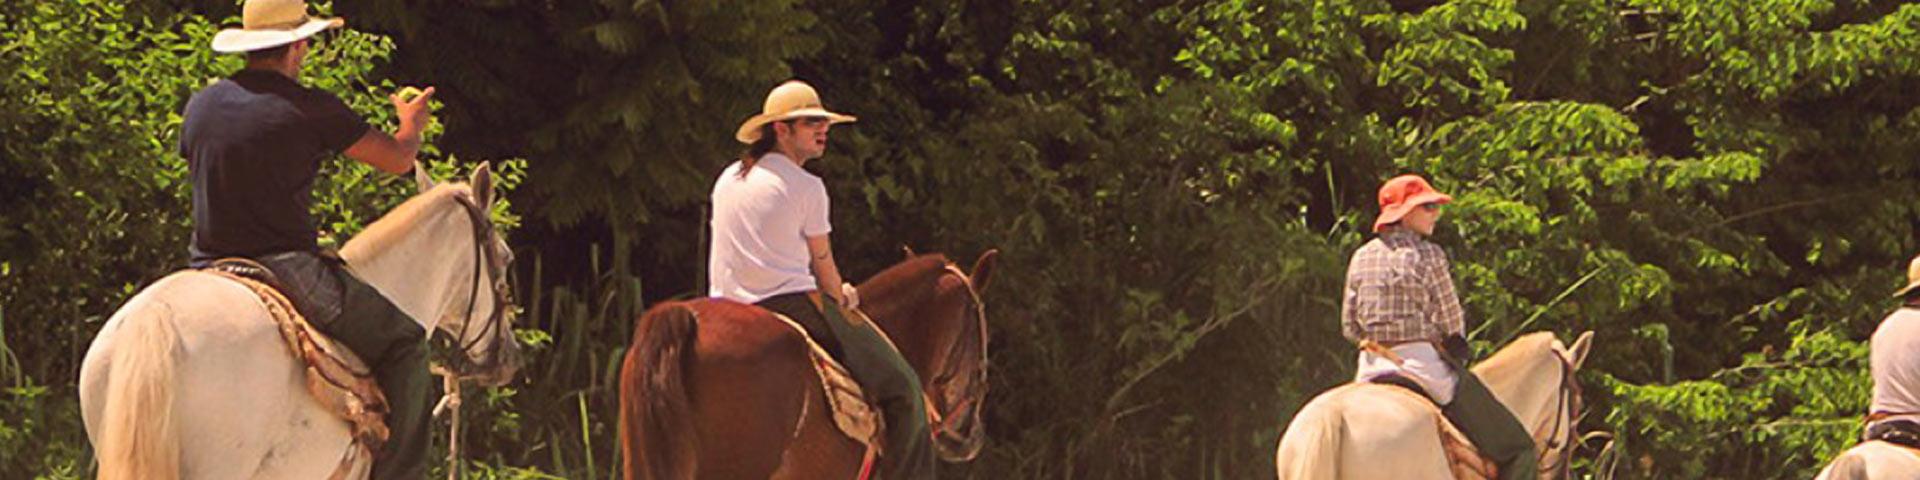 Rio-sucuri-cavalgada-Bonitour-Passeios-em-Bonito-MS-1593_2179.jpg